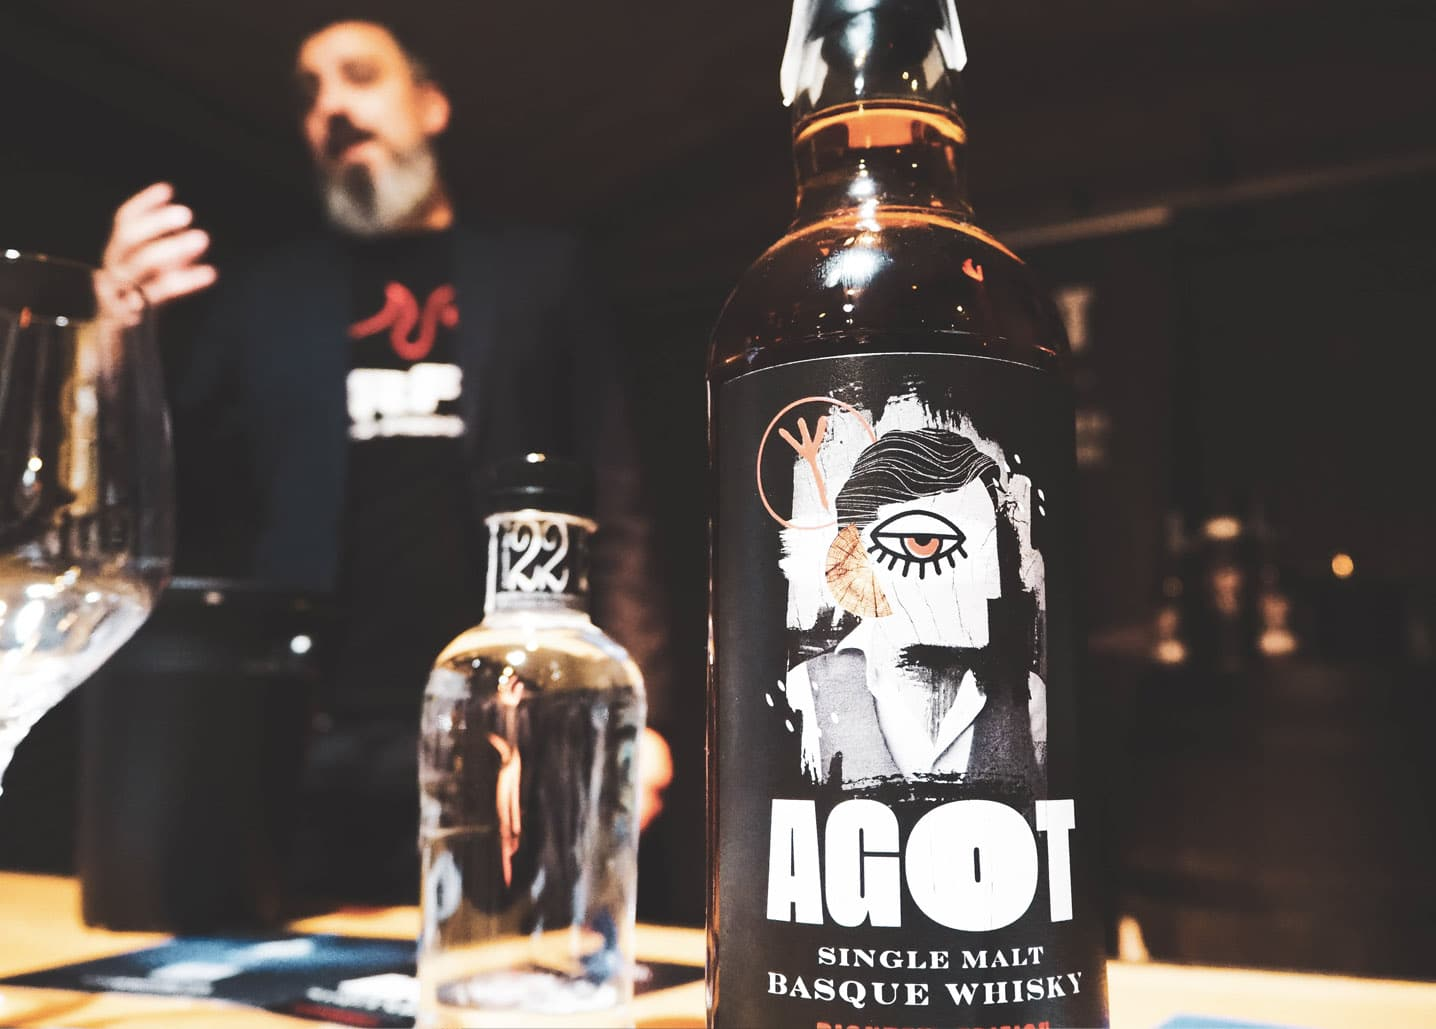 Agot Single Malt Basque Whisky - Todo Whisky